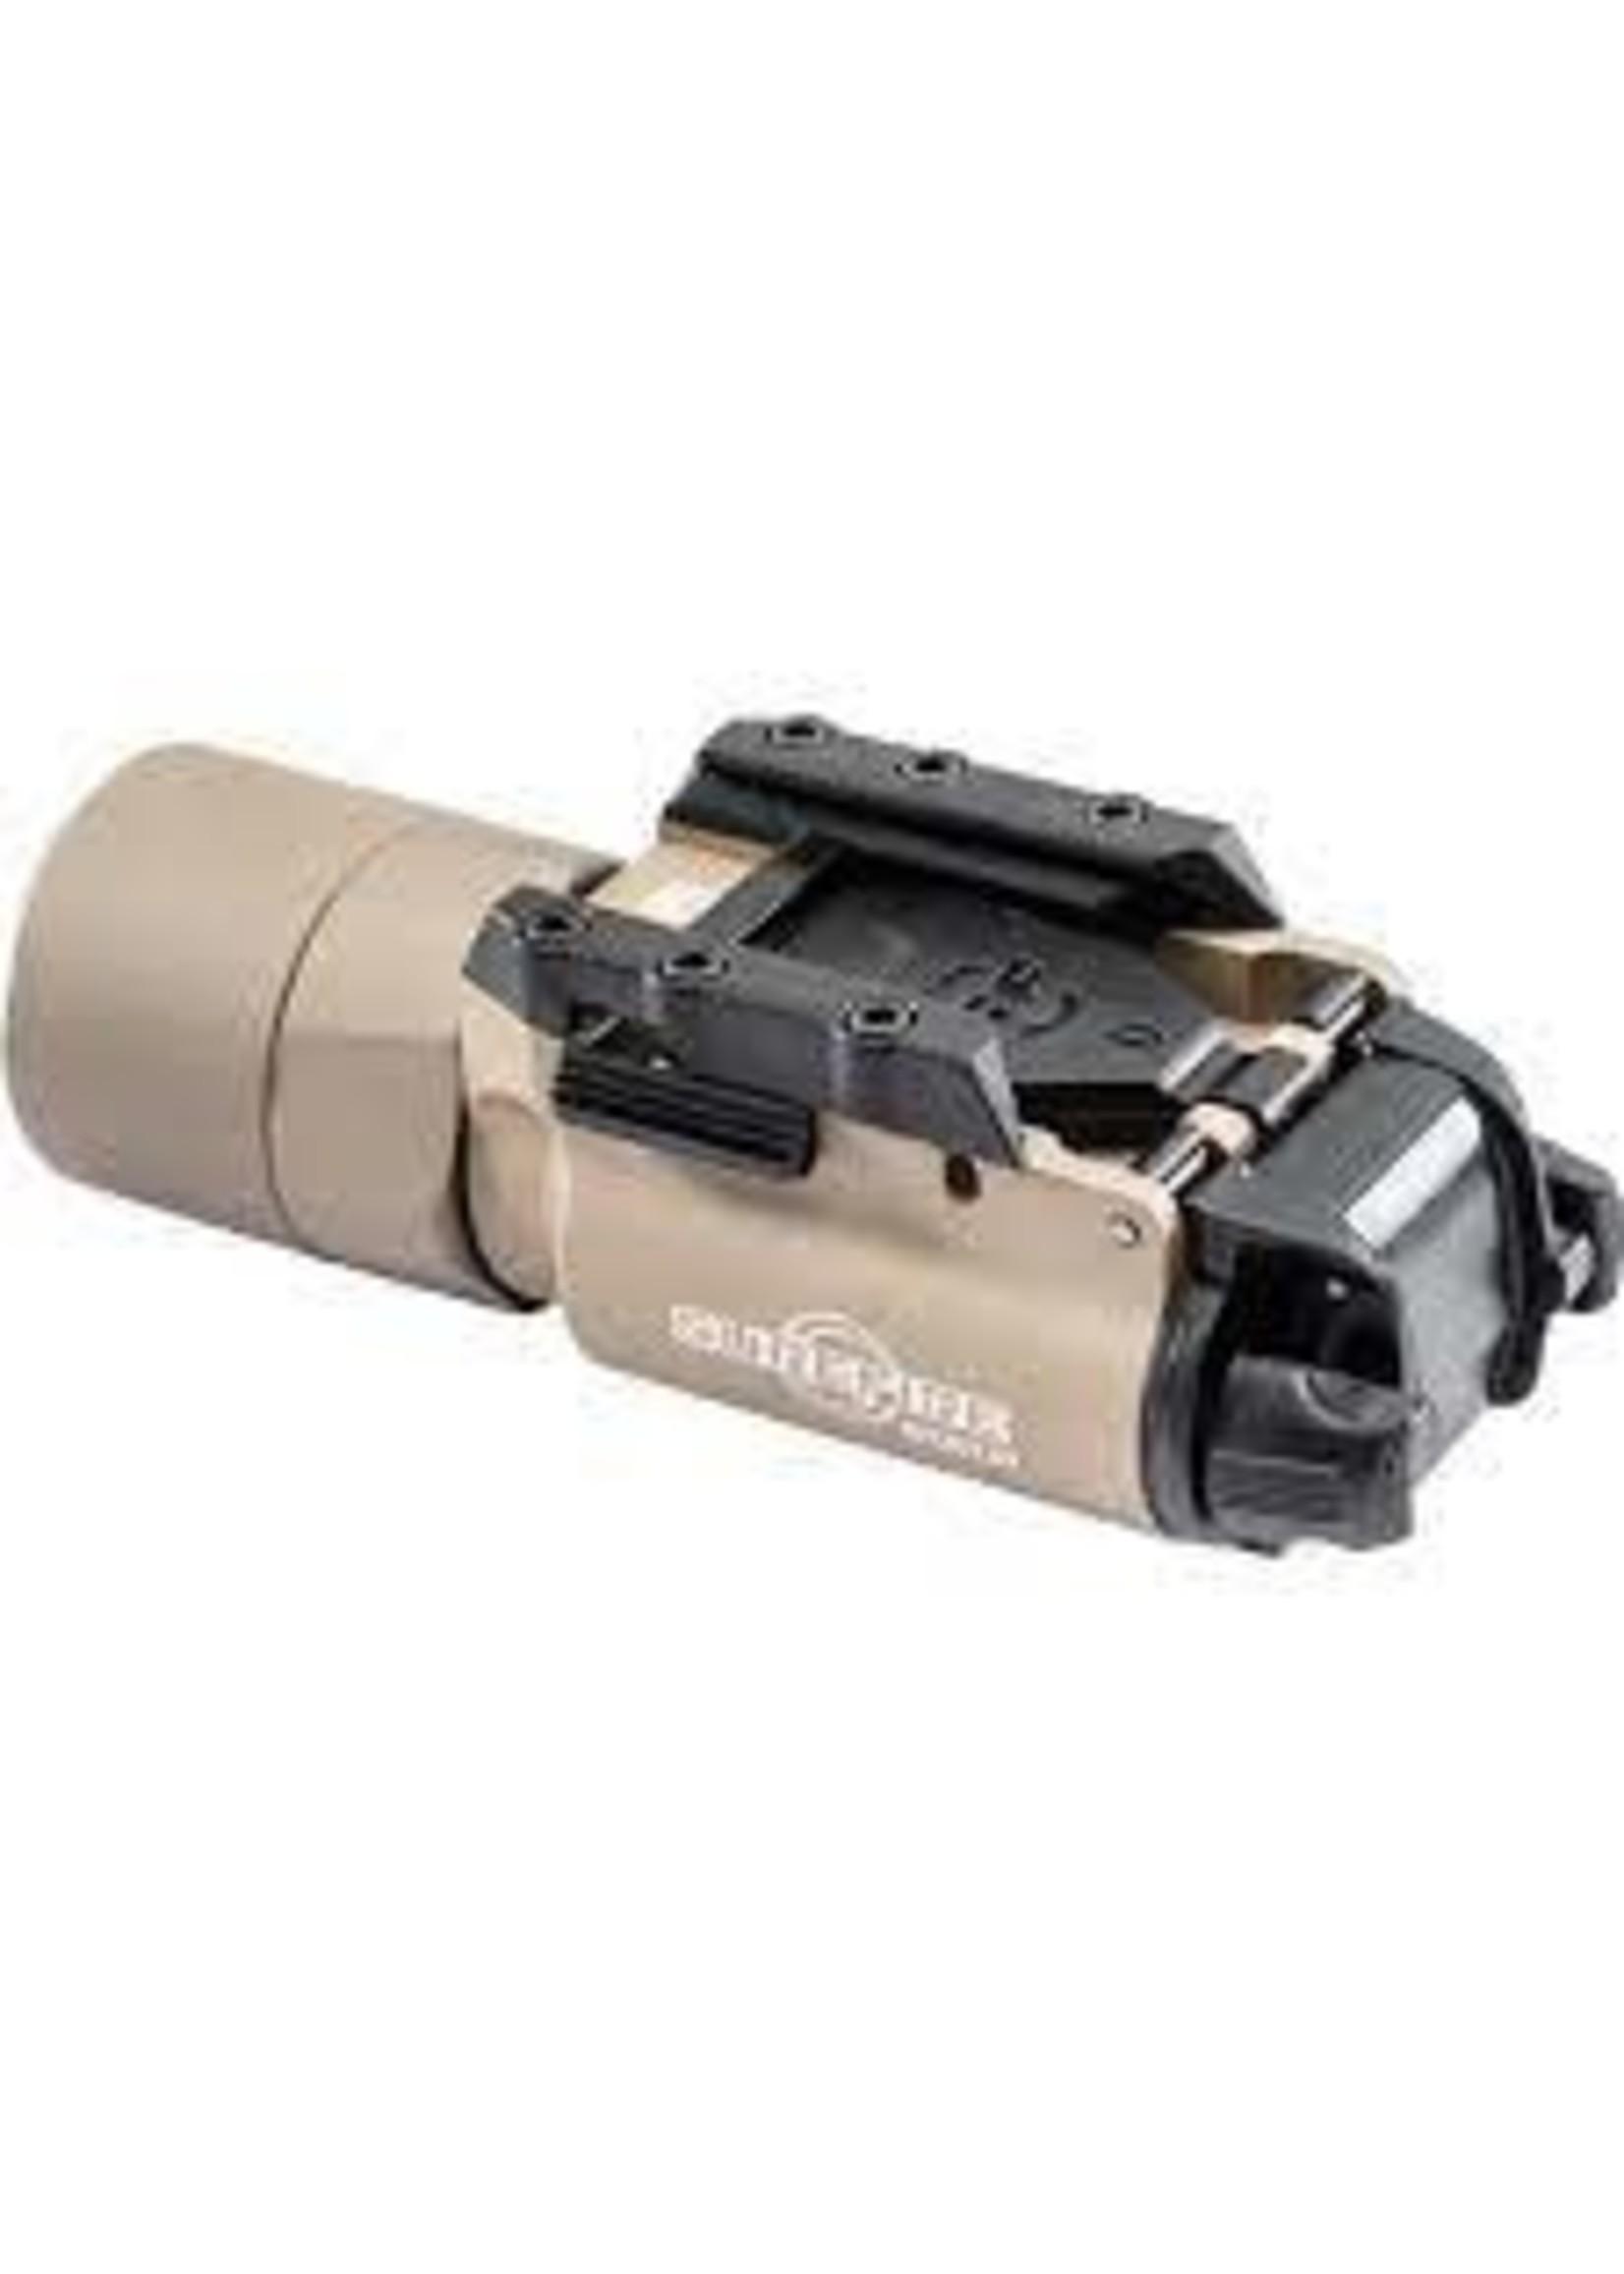 SUREFIRE SUREFIRE X300U-A BLK 1000 LM-LED